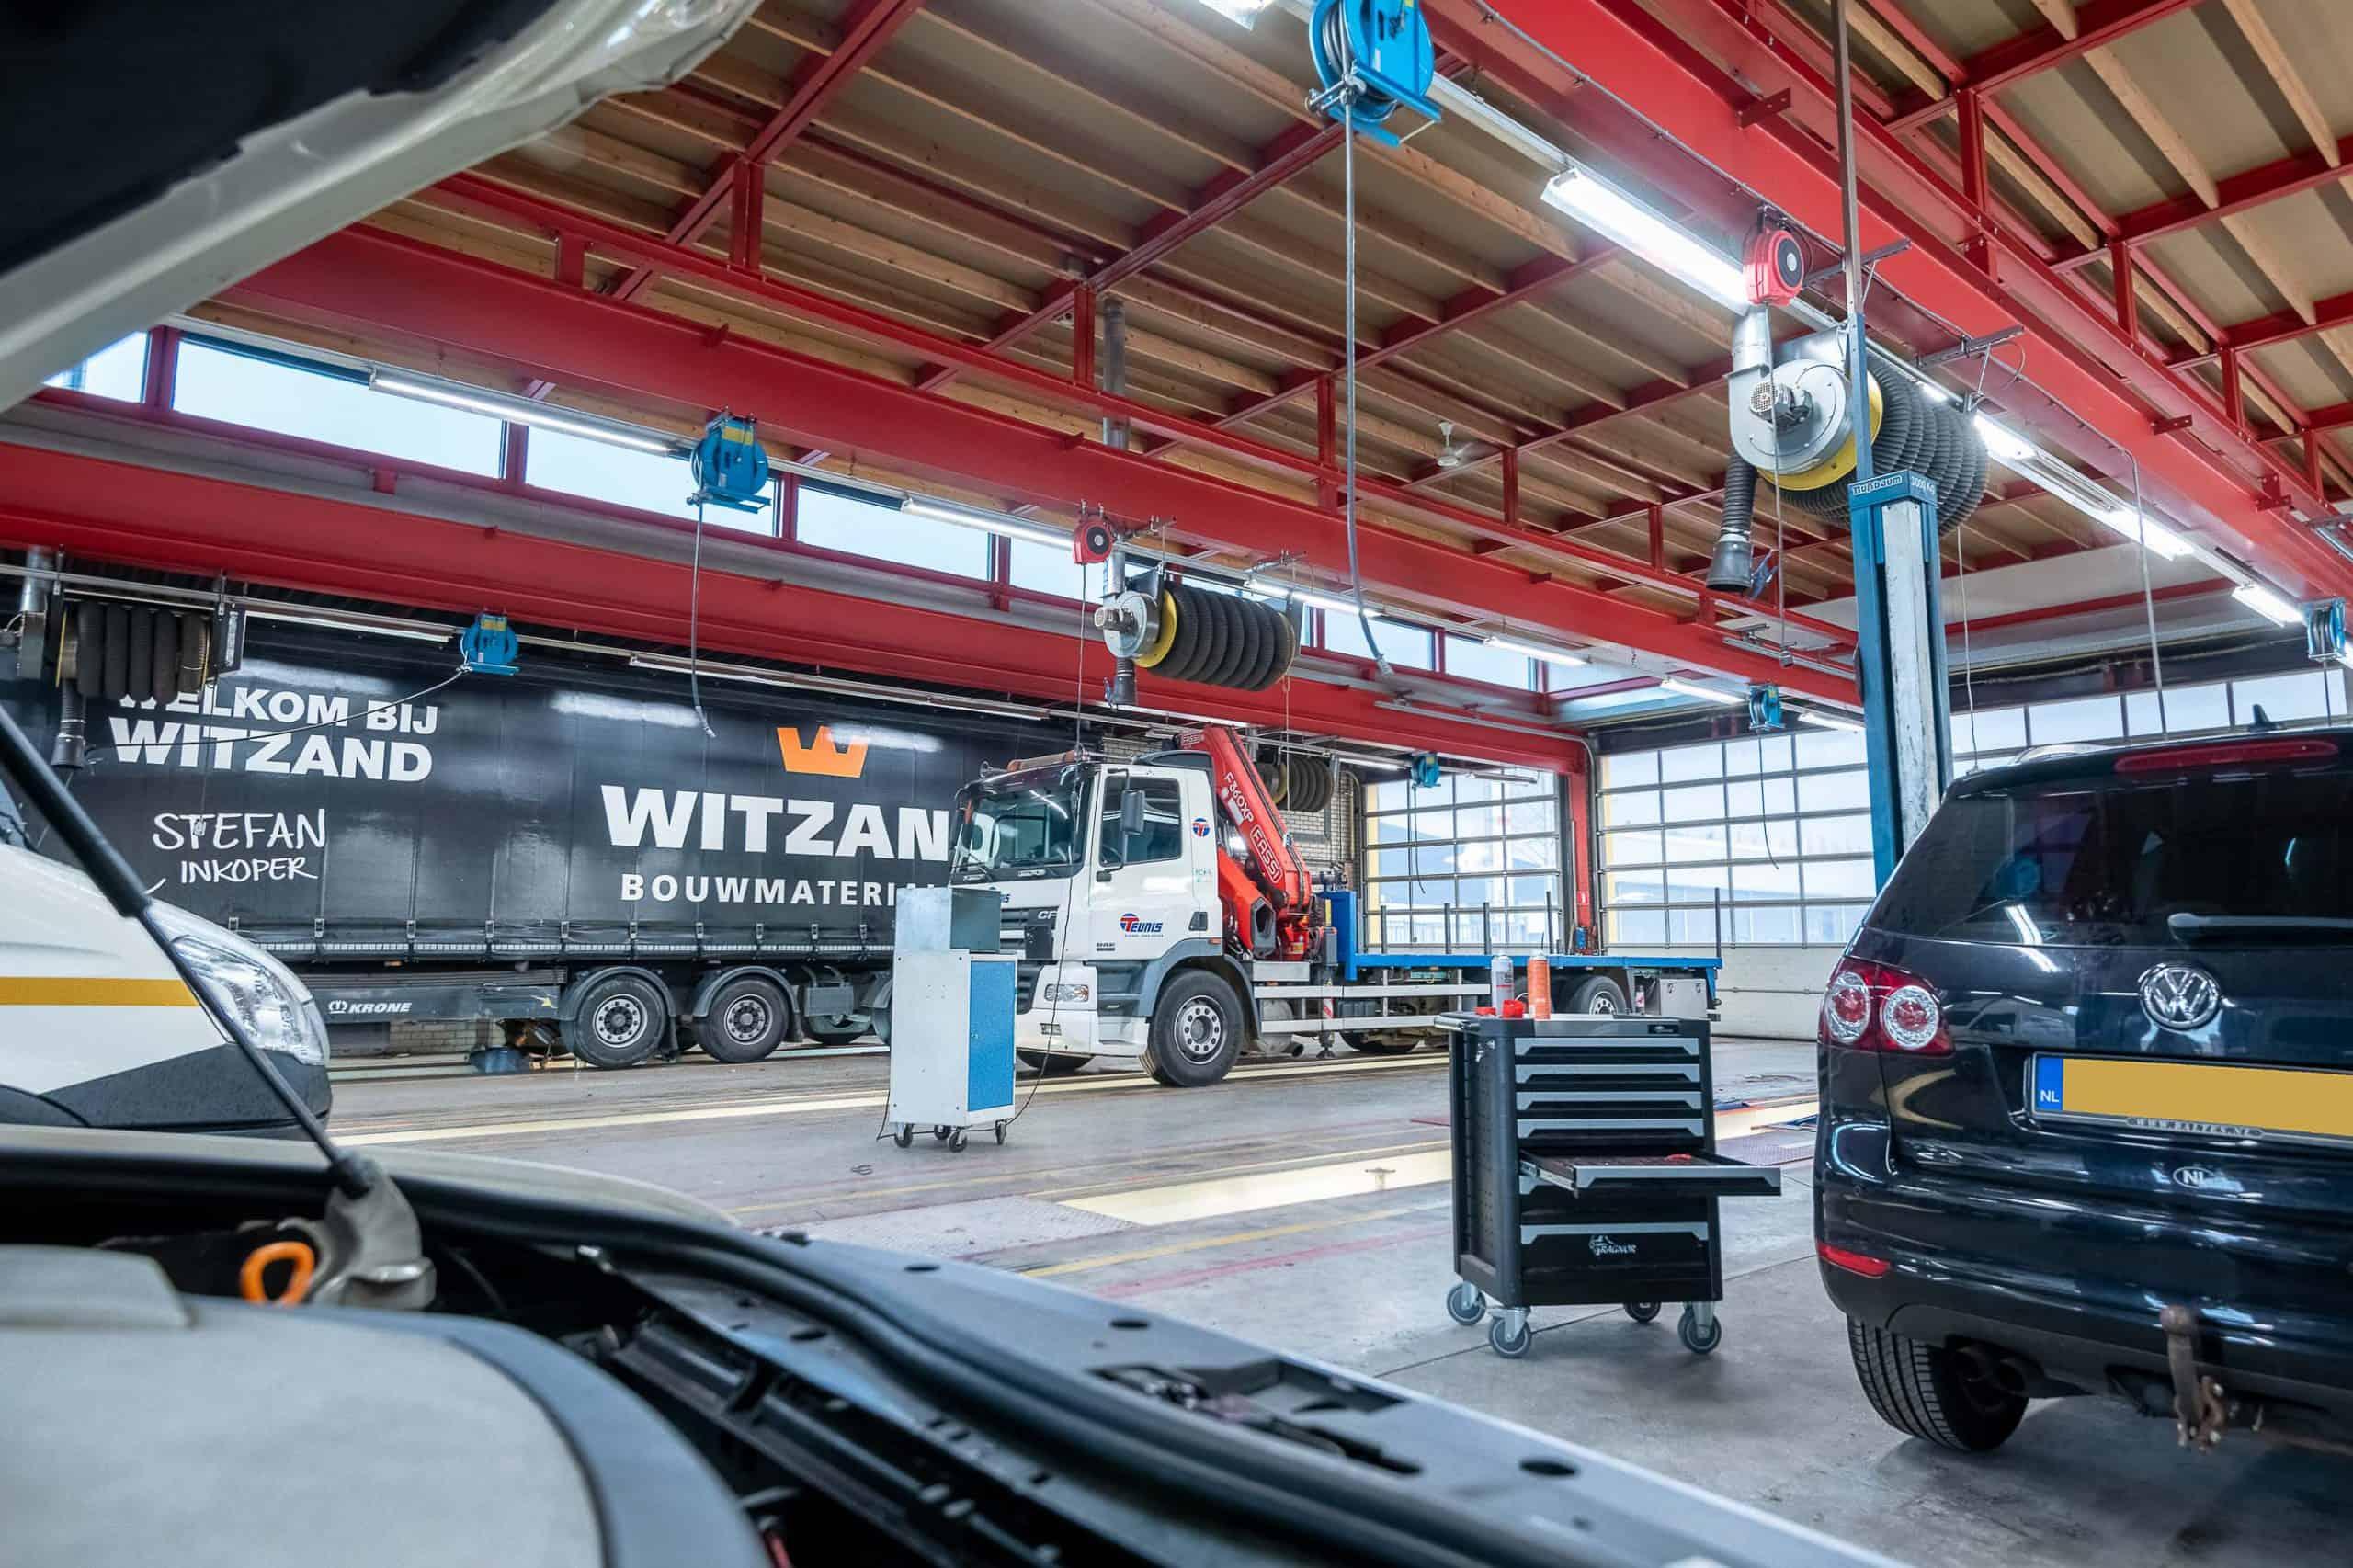 werkplaats met auto's vrachtwagens en werkbussen